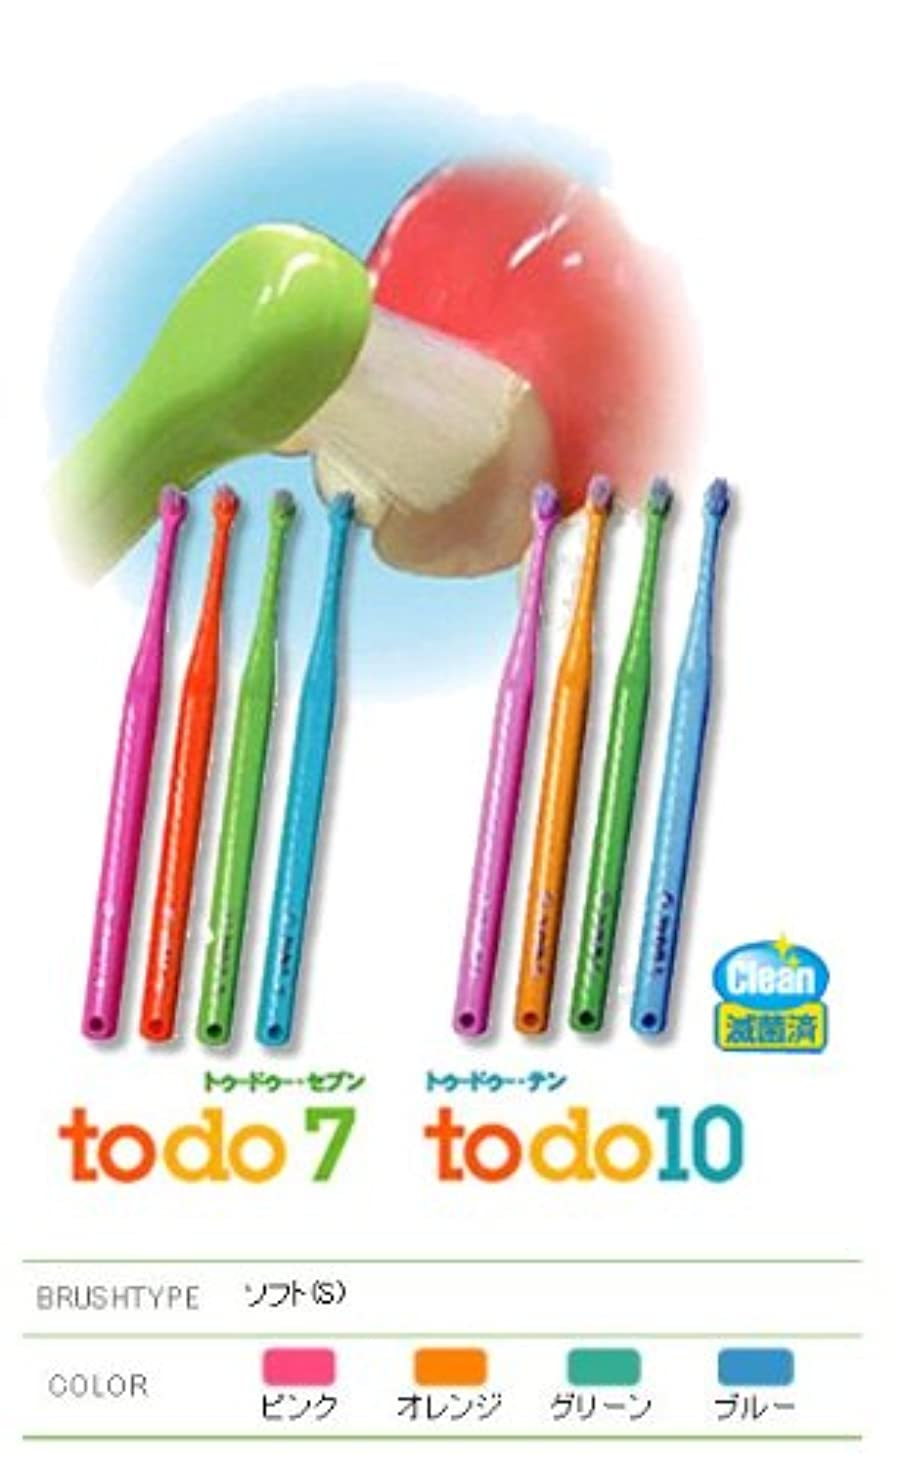 ステーキ奨励します名目上の【オーラルケア】【歯科用】todo10 1箱(24本)【歯ブラシ】【滅菌済】4色(アソート)トゥードゥー?テン